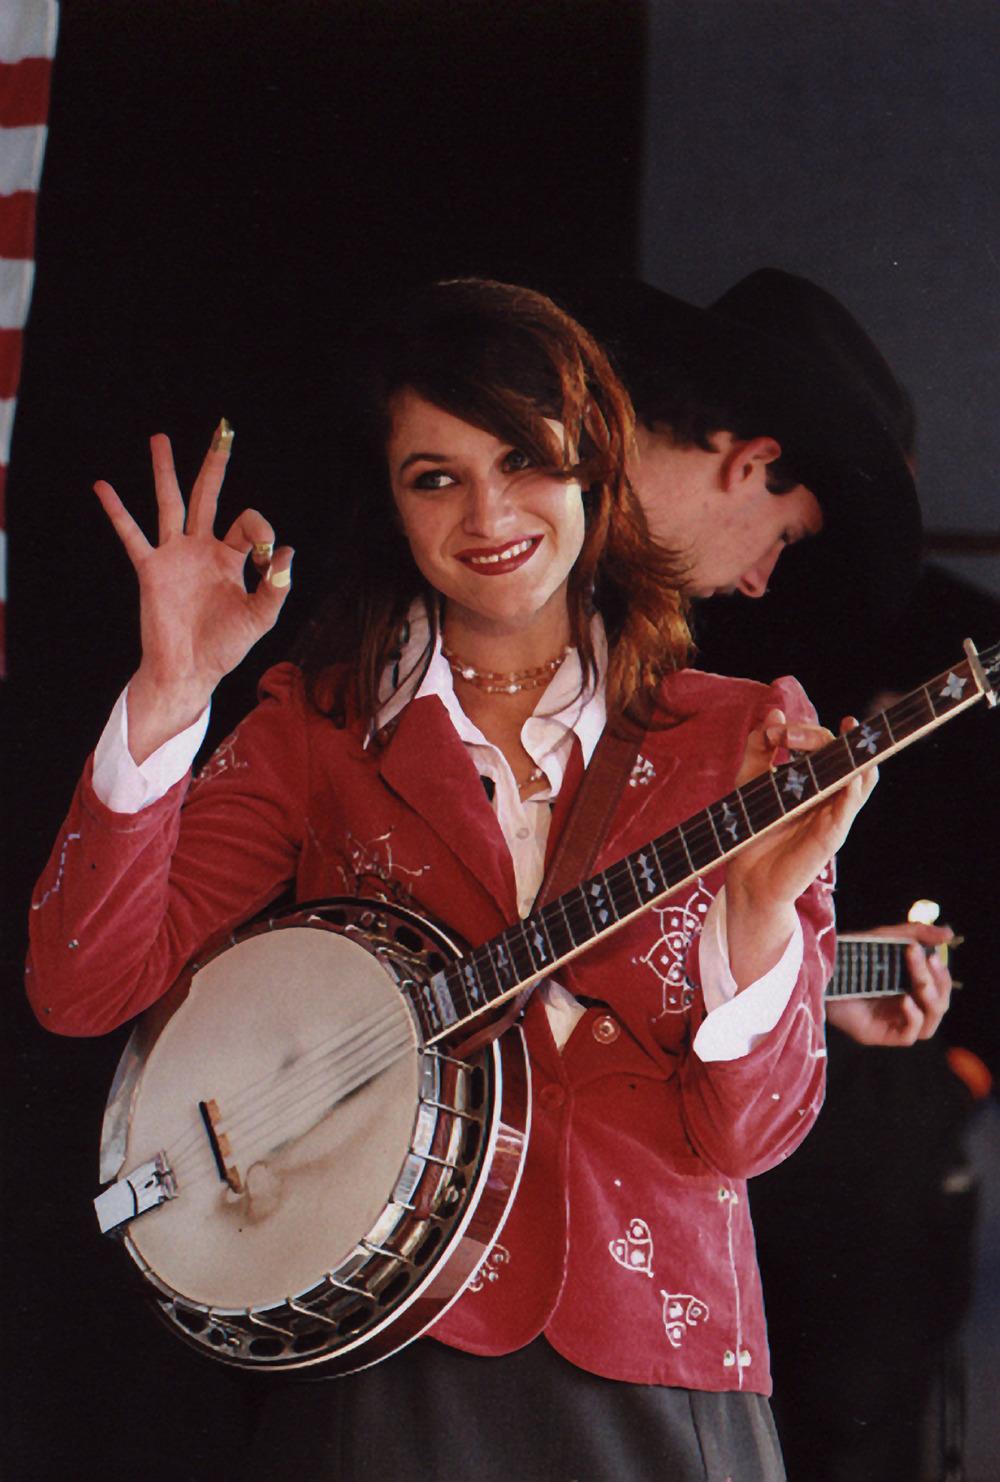 2007 - Cia Cherryholmes